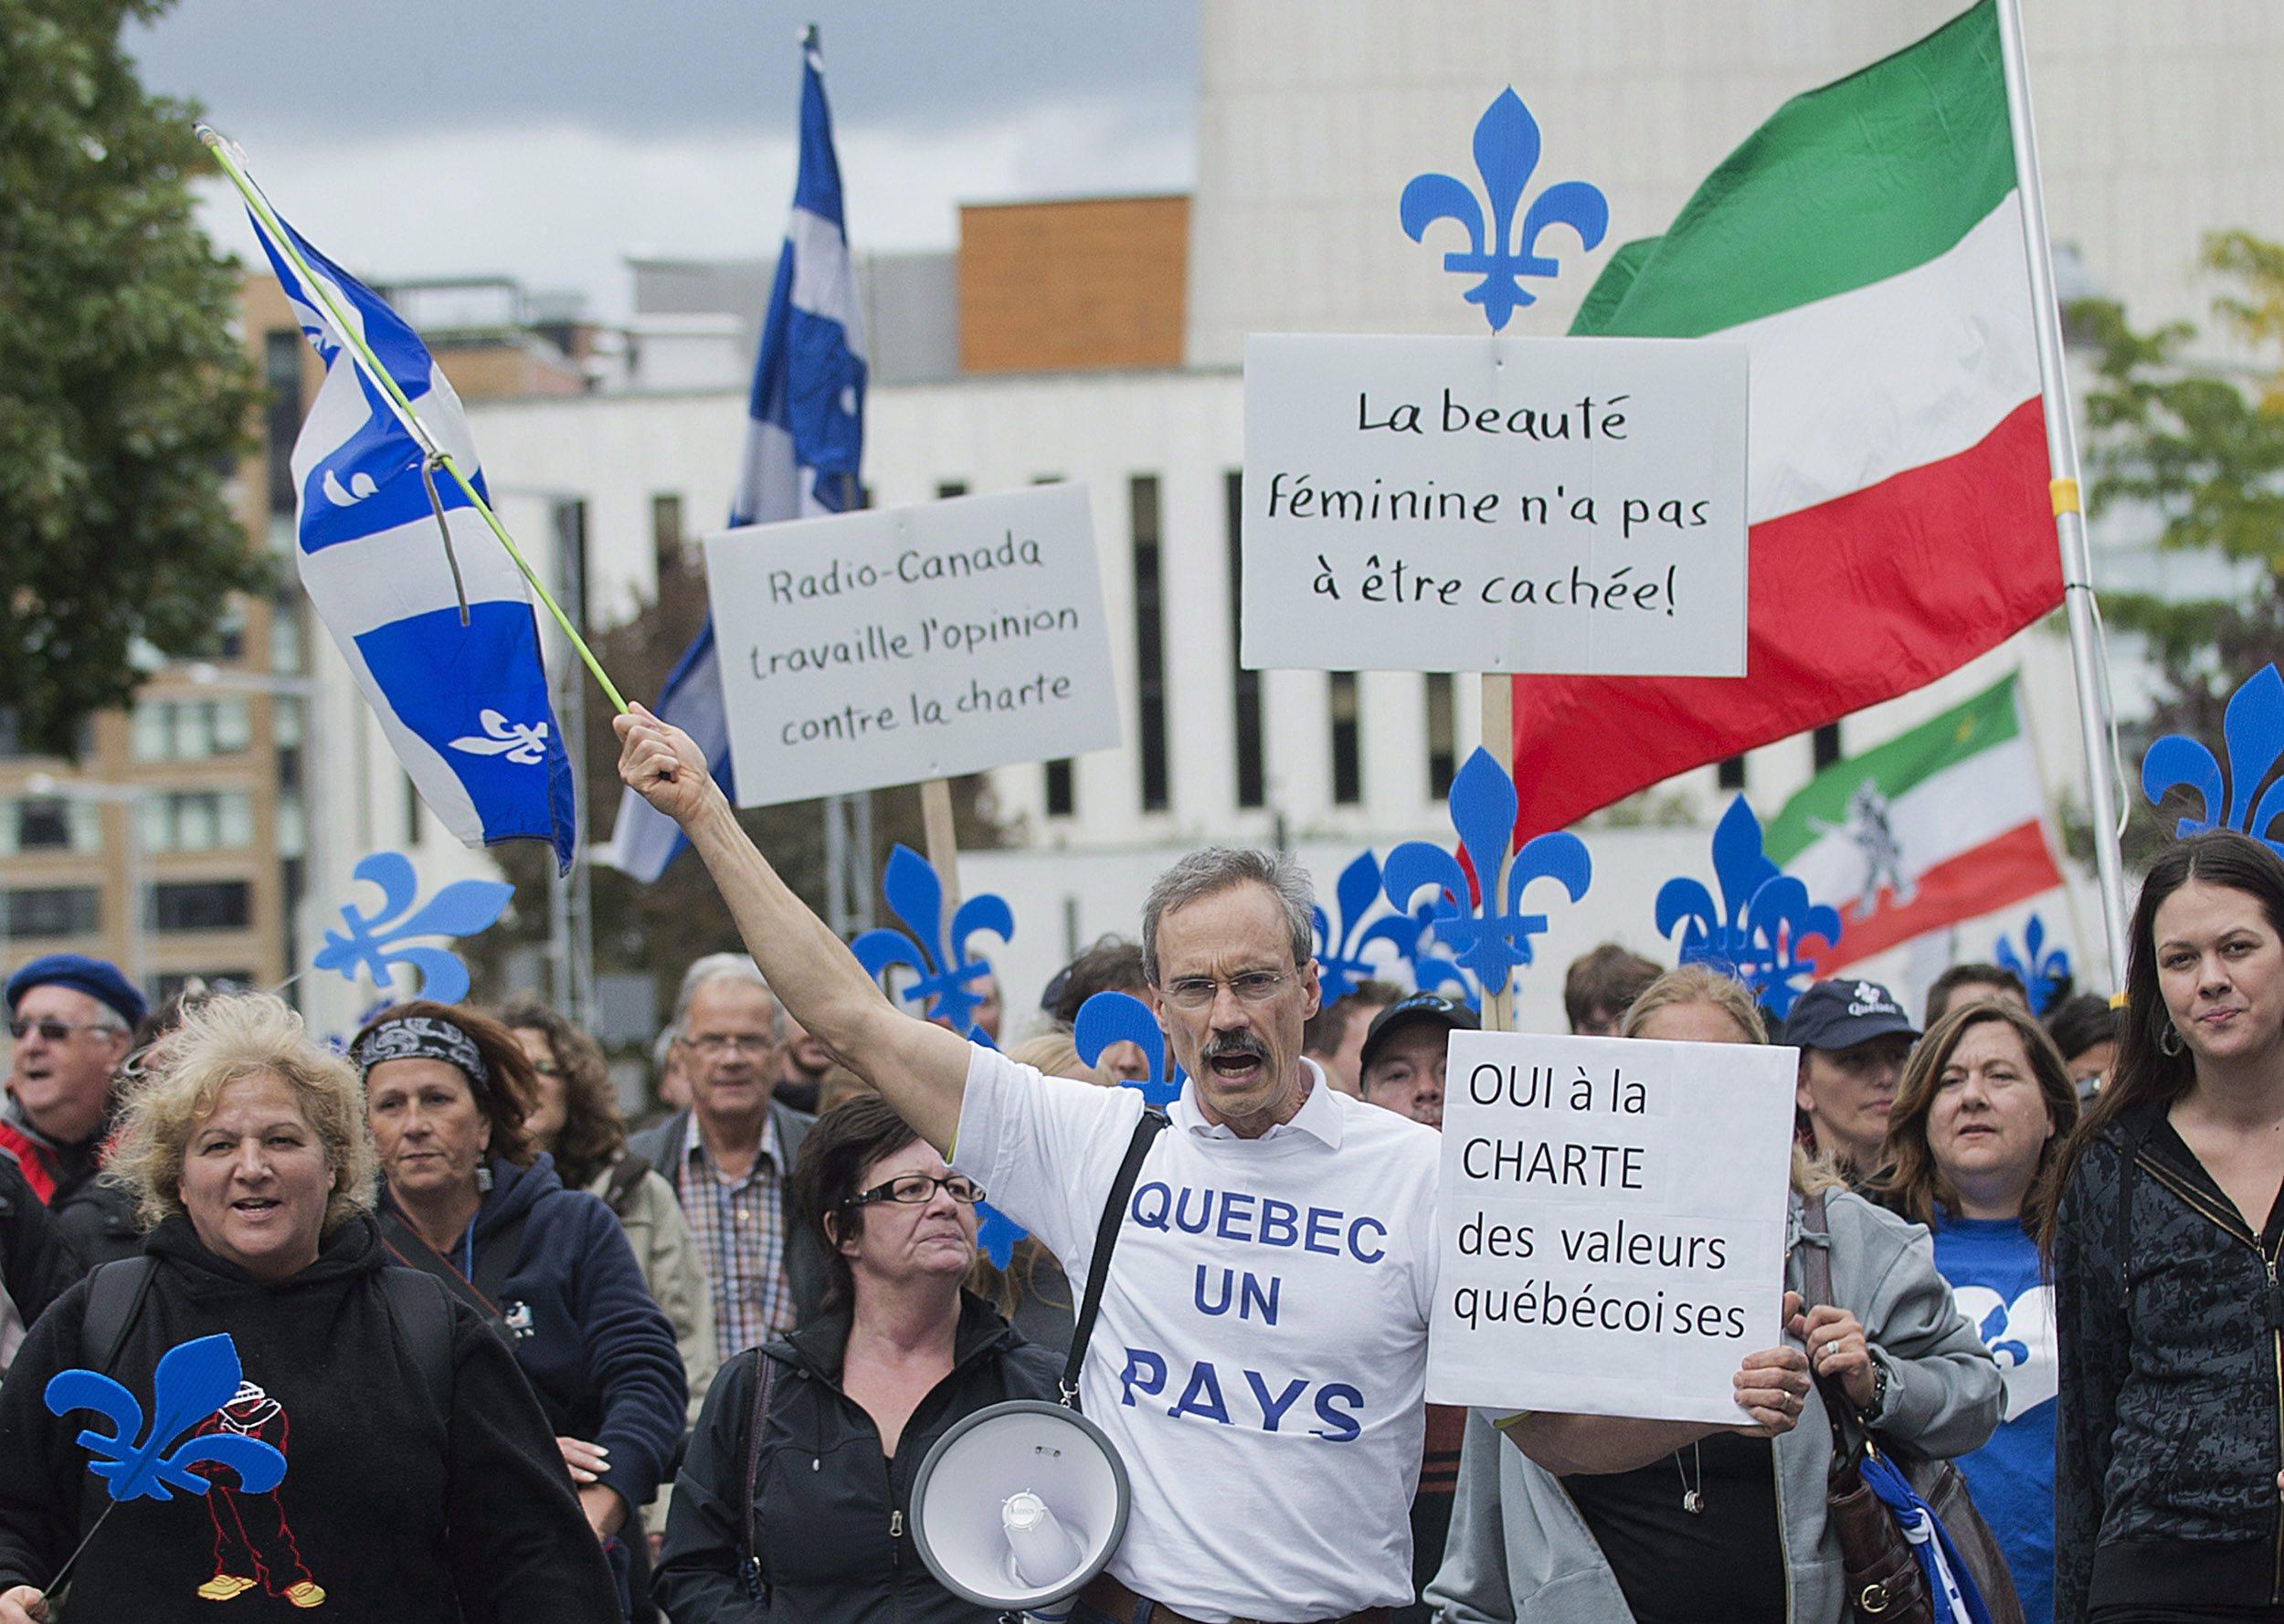 La Charte des valeurs québécoises